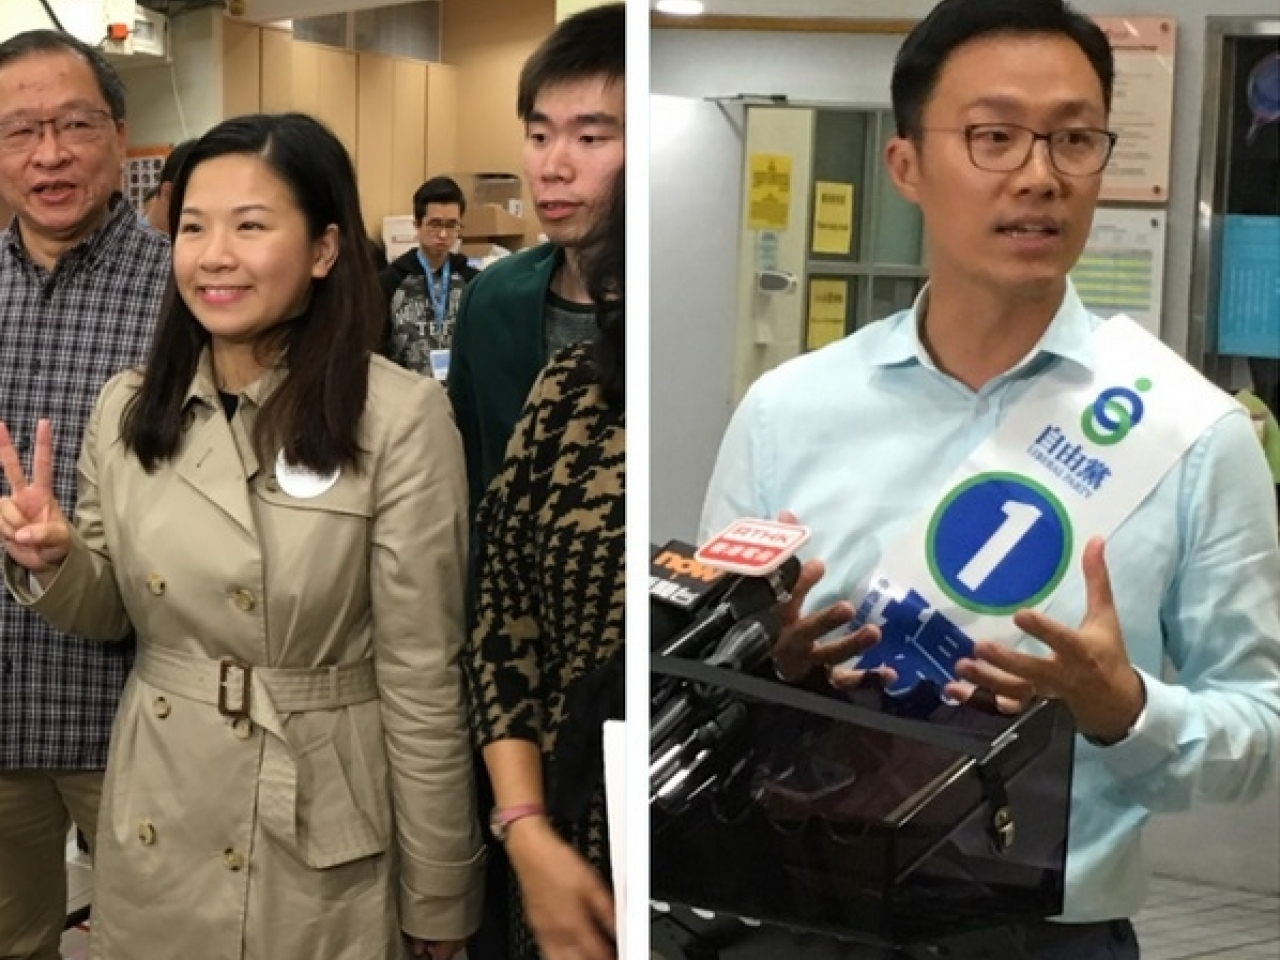 民主黨伍凱欣及自由黨楊哲安在中西區區議會補選各取一席。(港台圖片)